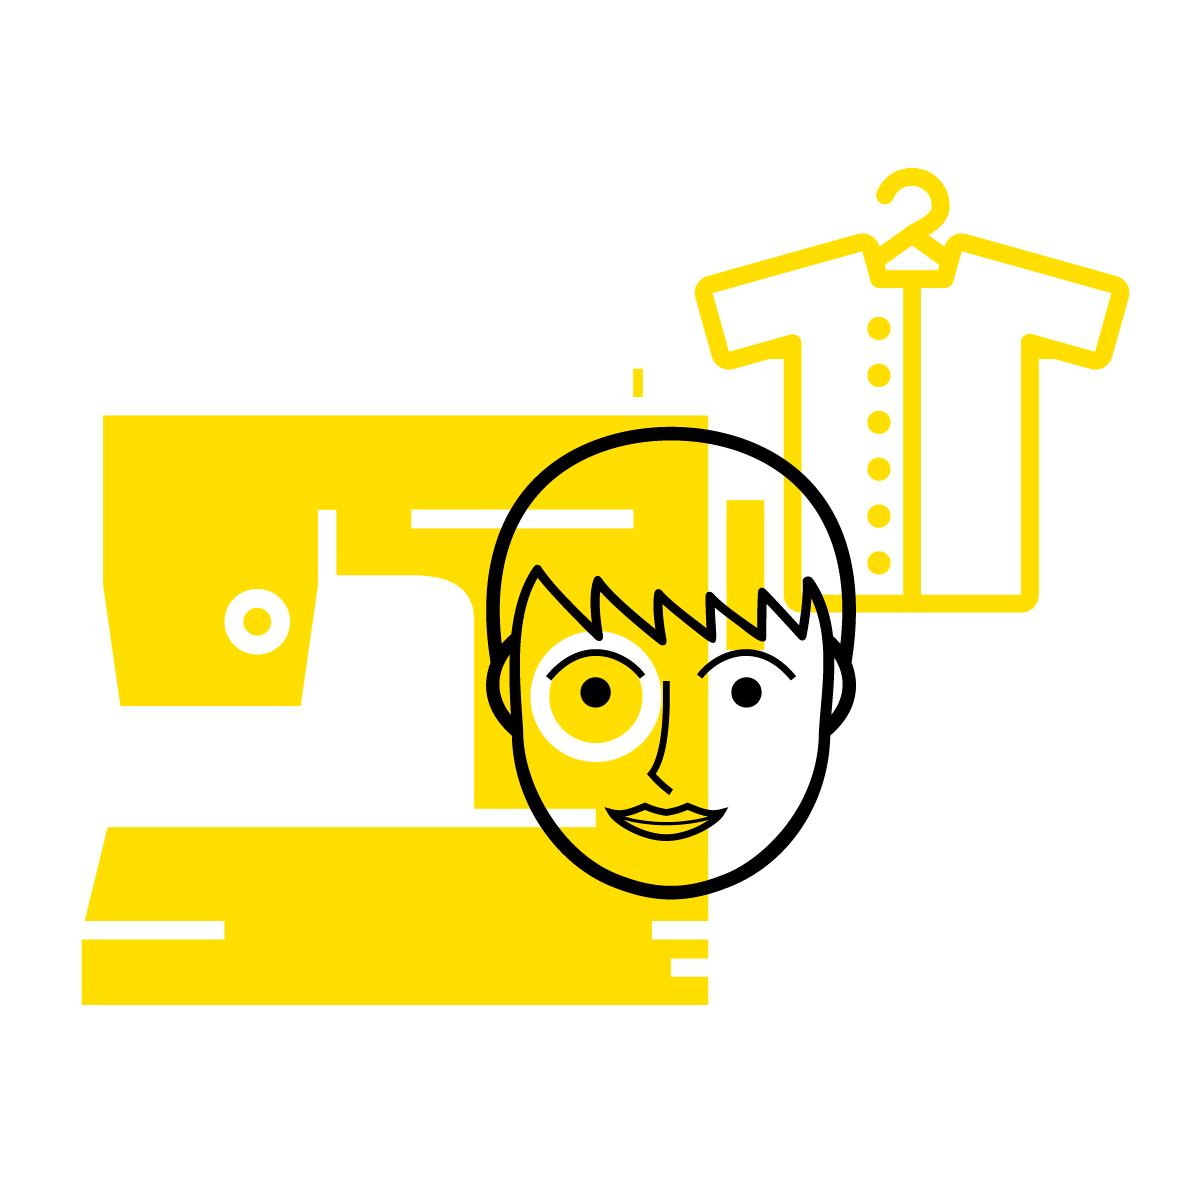 imood - design della comunicazione - irene casulli